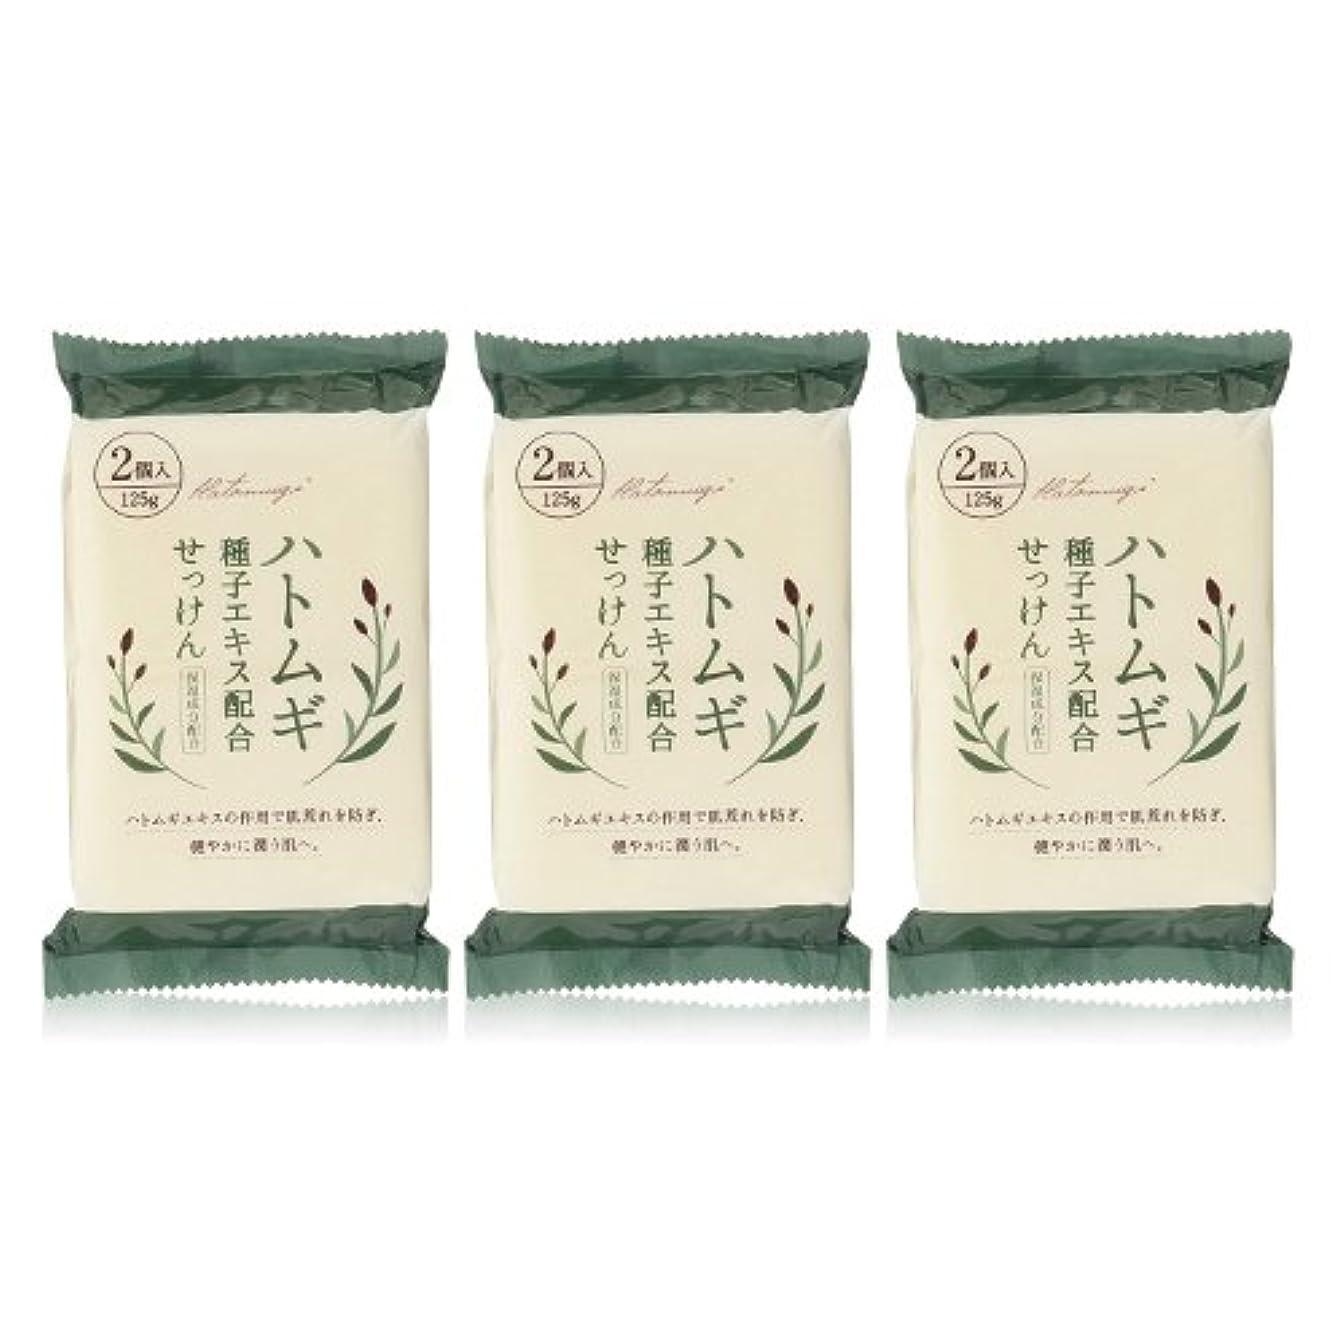 スマイルフィードどれでもハトムギ種子エキス配合石けん 125g(2コ入)×3個セット(計6個)